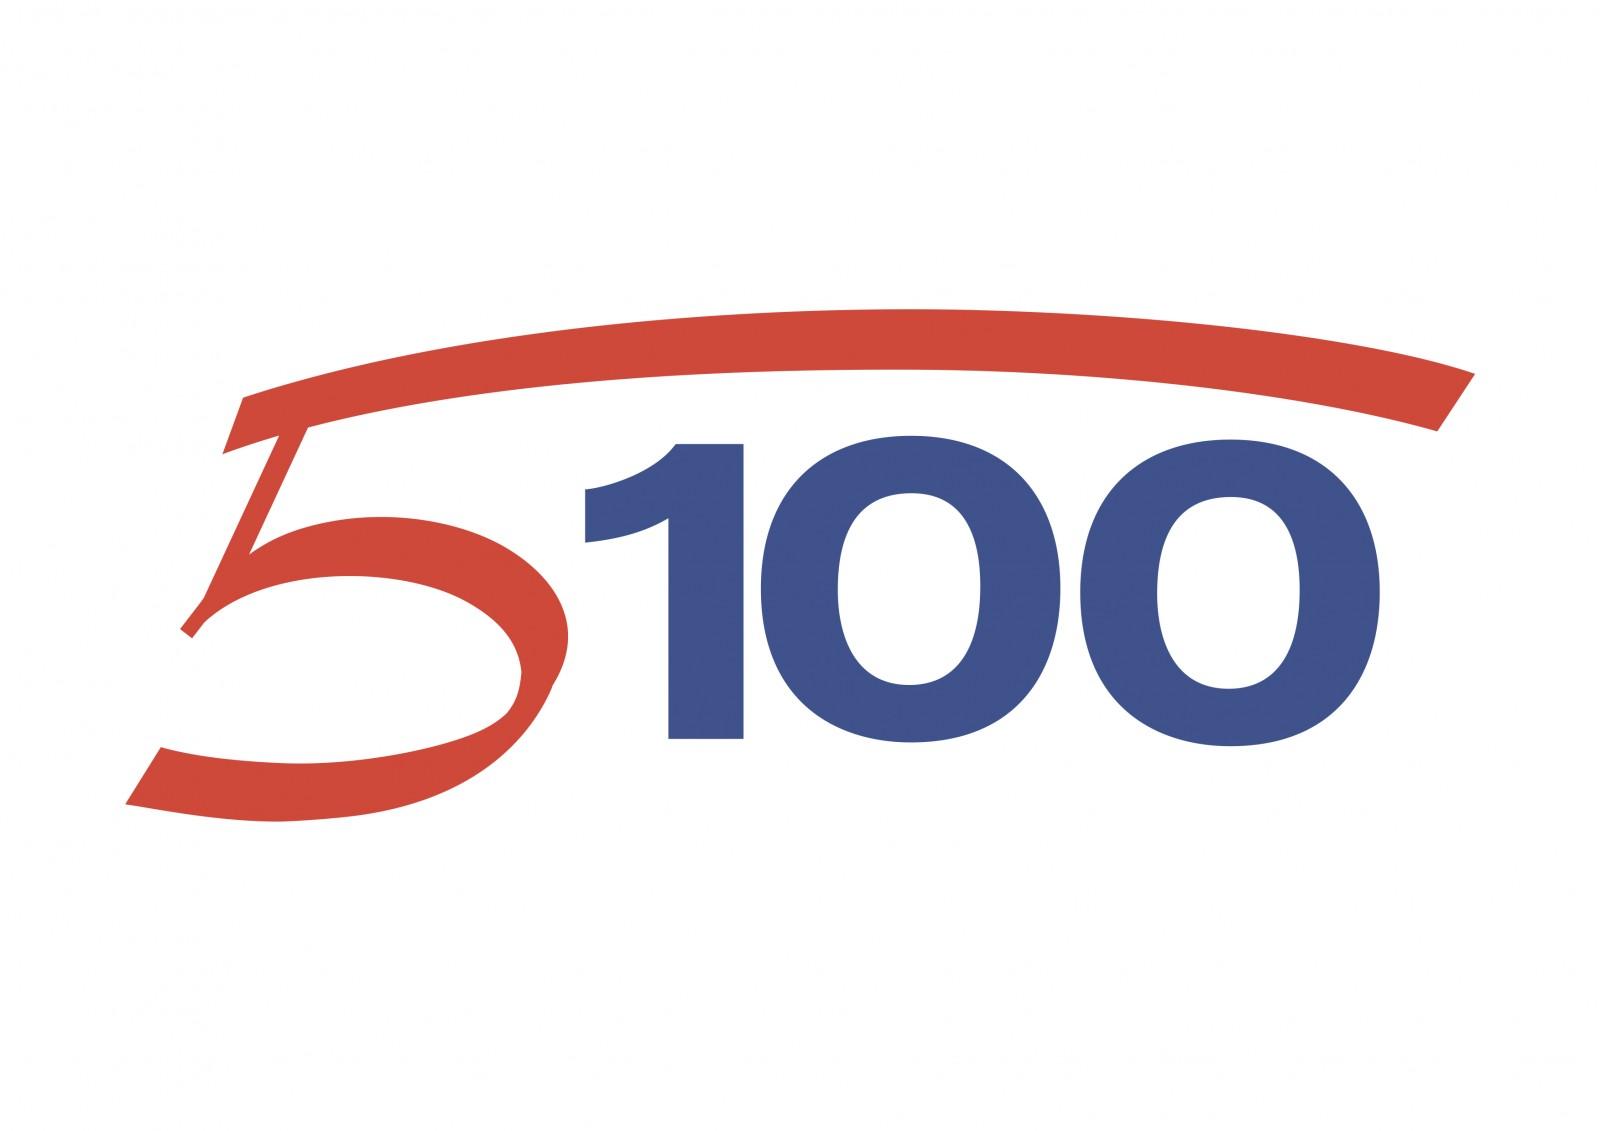 """俄罗斯科学和高等教育部""""优先级-2030""""计划介绍插图1-小狮座俄罗斯留学"""